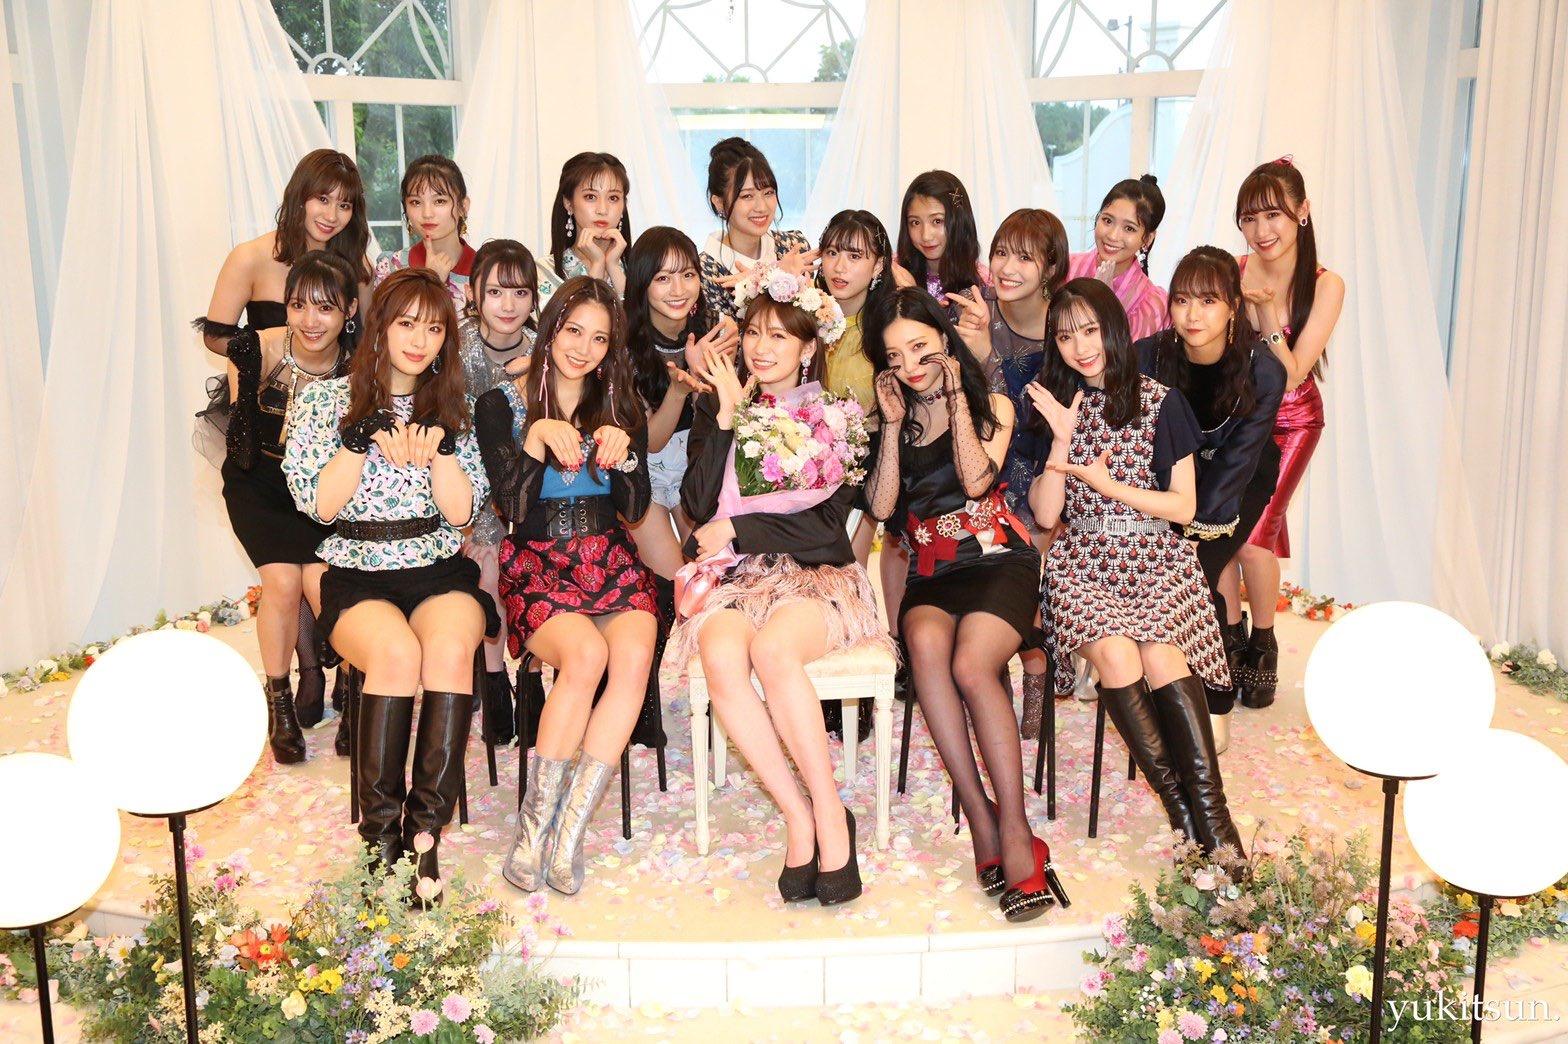 2020.11.18 NMB48 24thシングル「恋なんかNo thank you!」オフショット